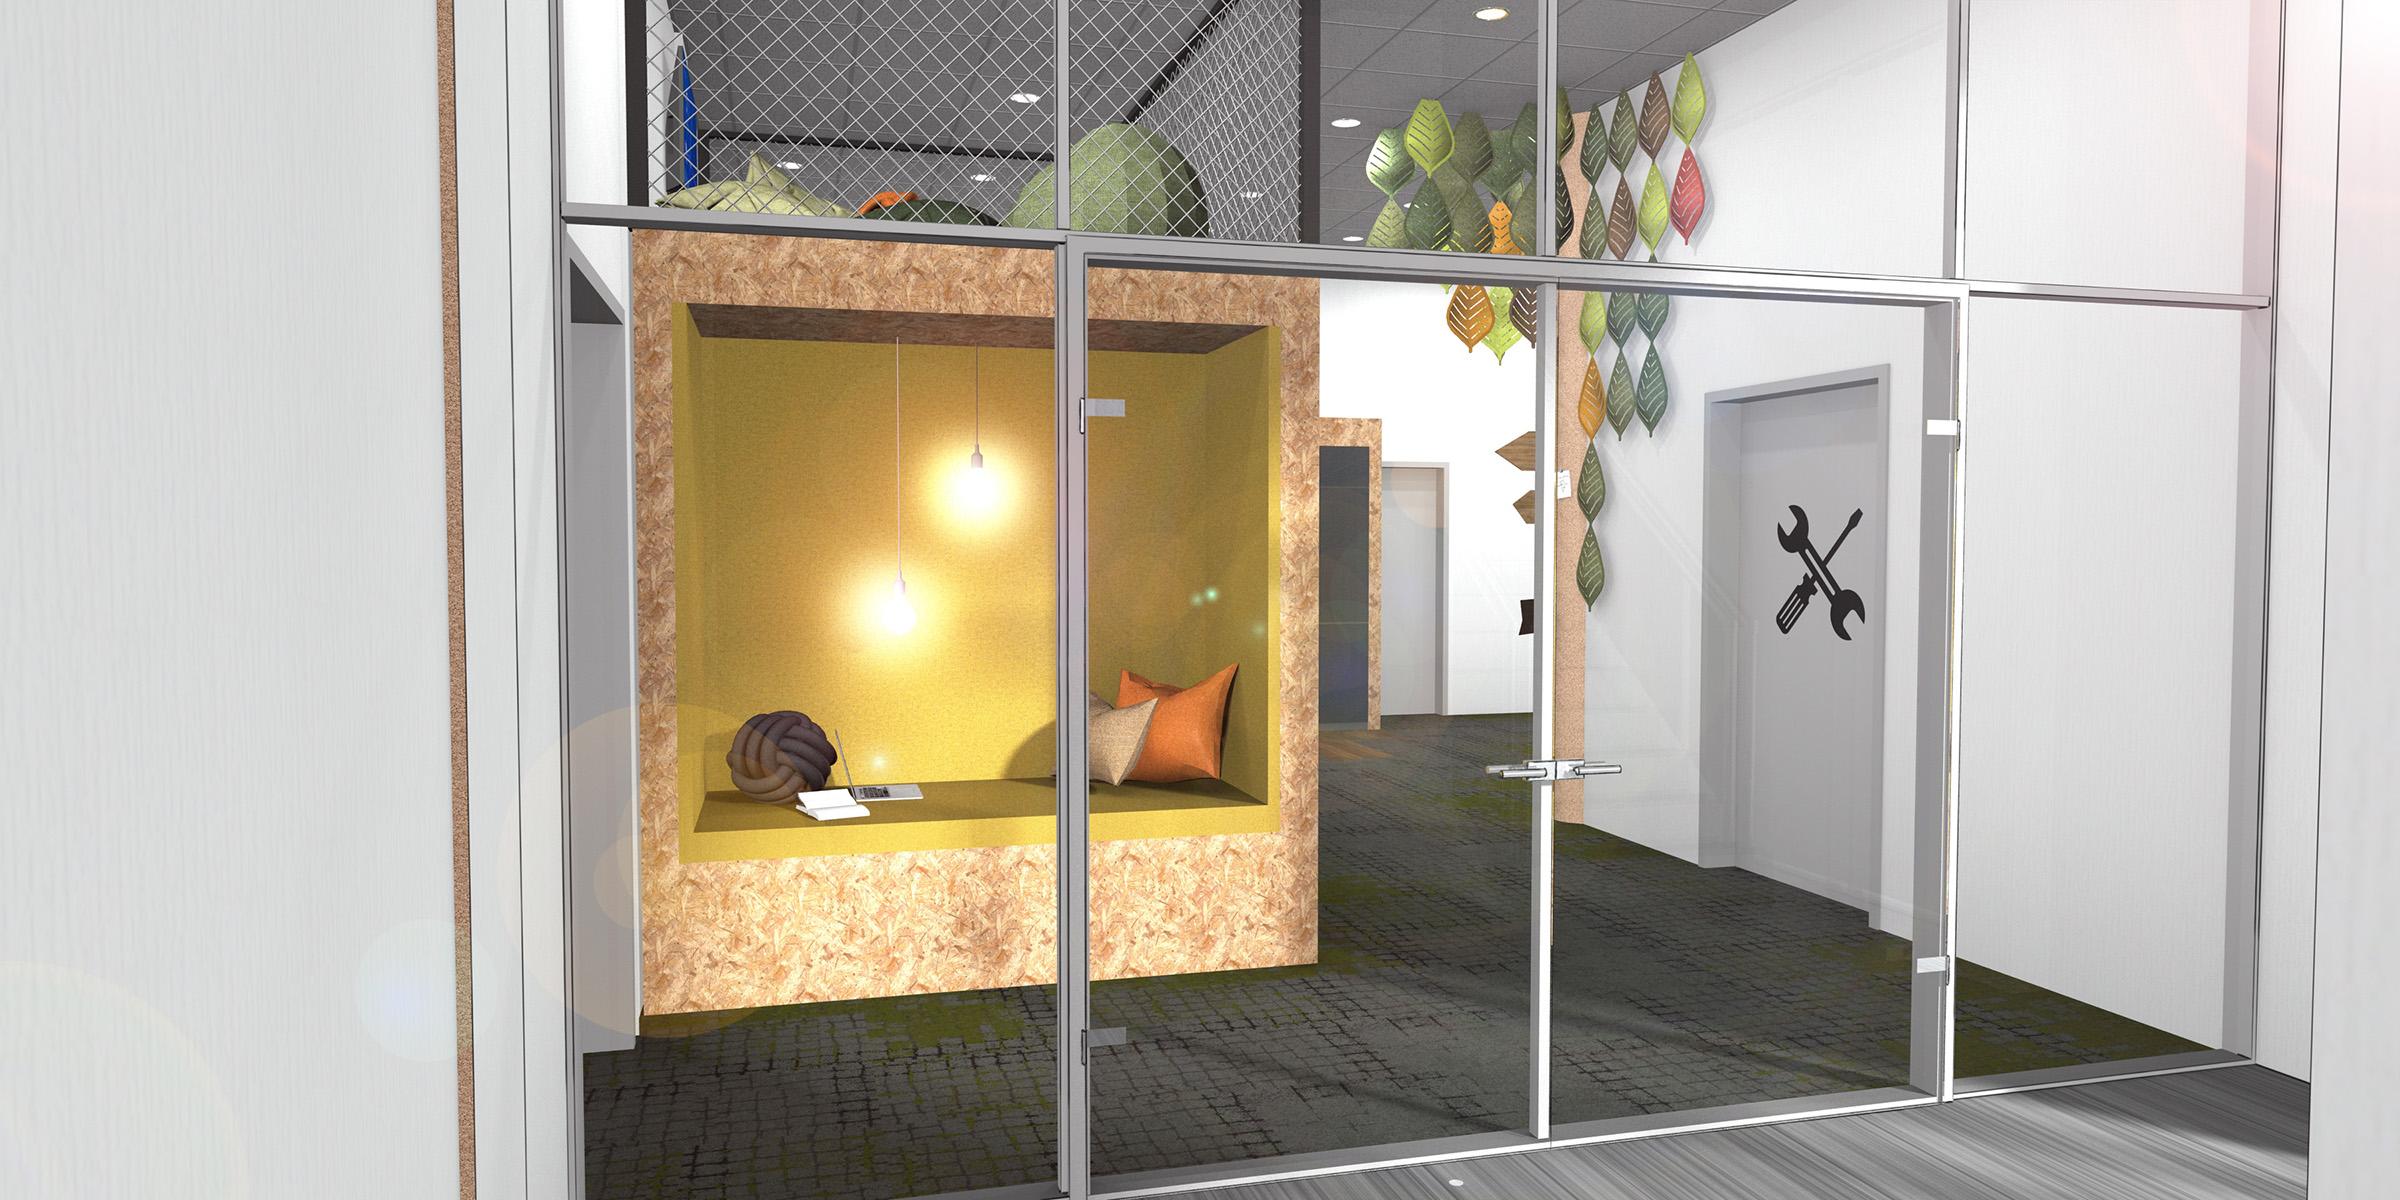 Einbau mit Lounge, Besprechung, Technik Nische und Gamerroom in einem Büro, neue Arbeitwelten, Inenanrchitektur 3D Rendering